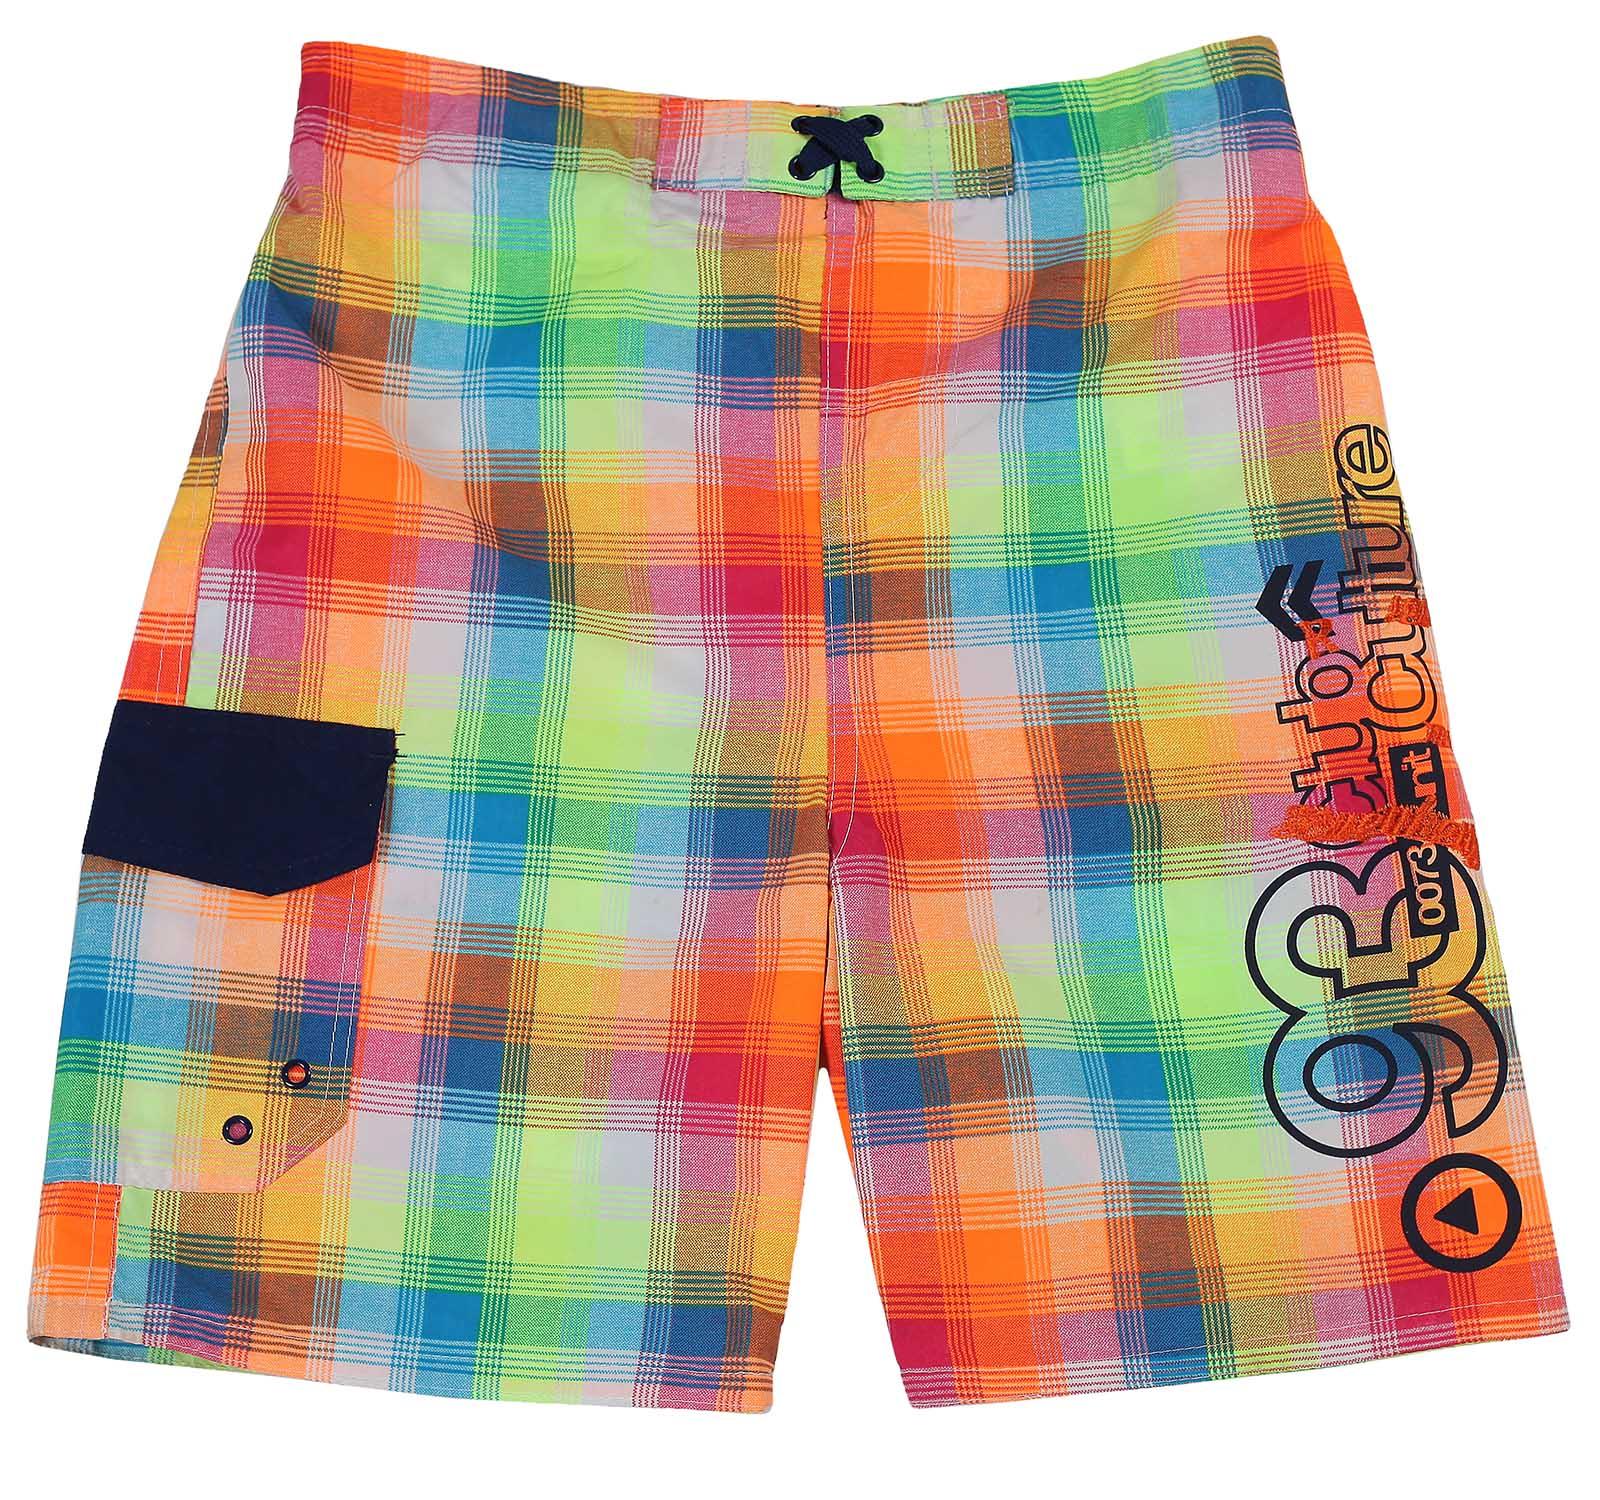 Мужские шорты Mail - купить в интернет-магазине с доставкой